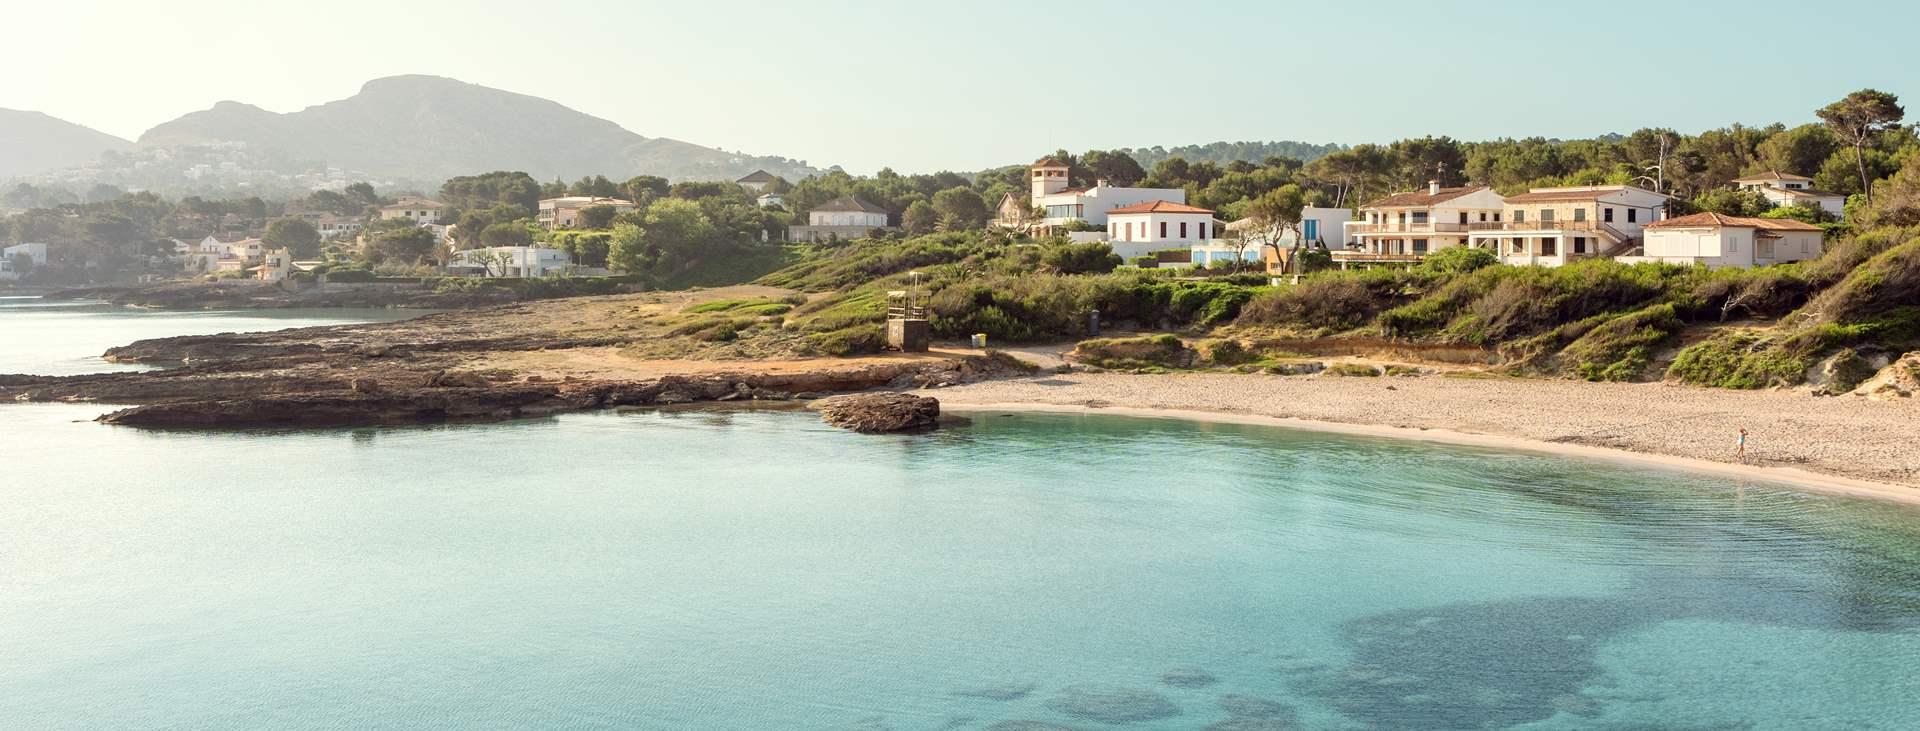 Bestill en reise til barnevennlige Mallorca med Ving